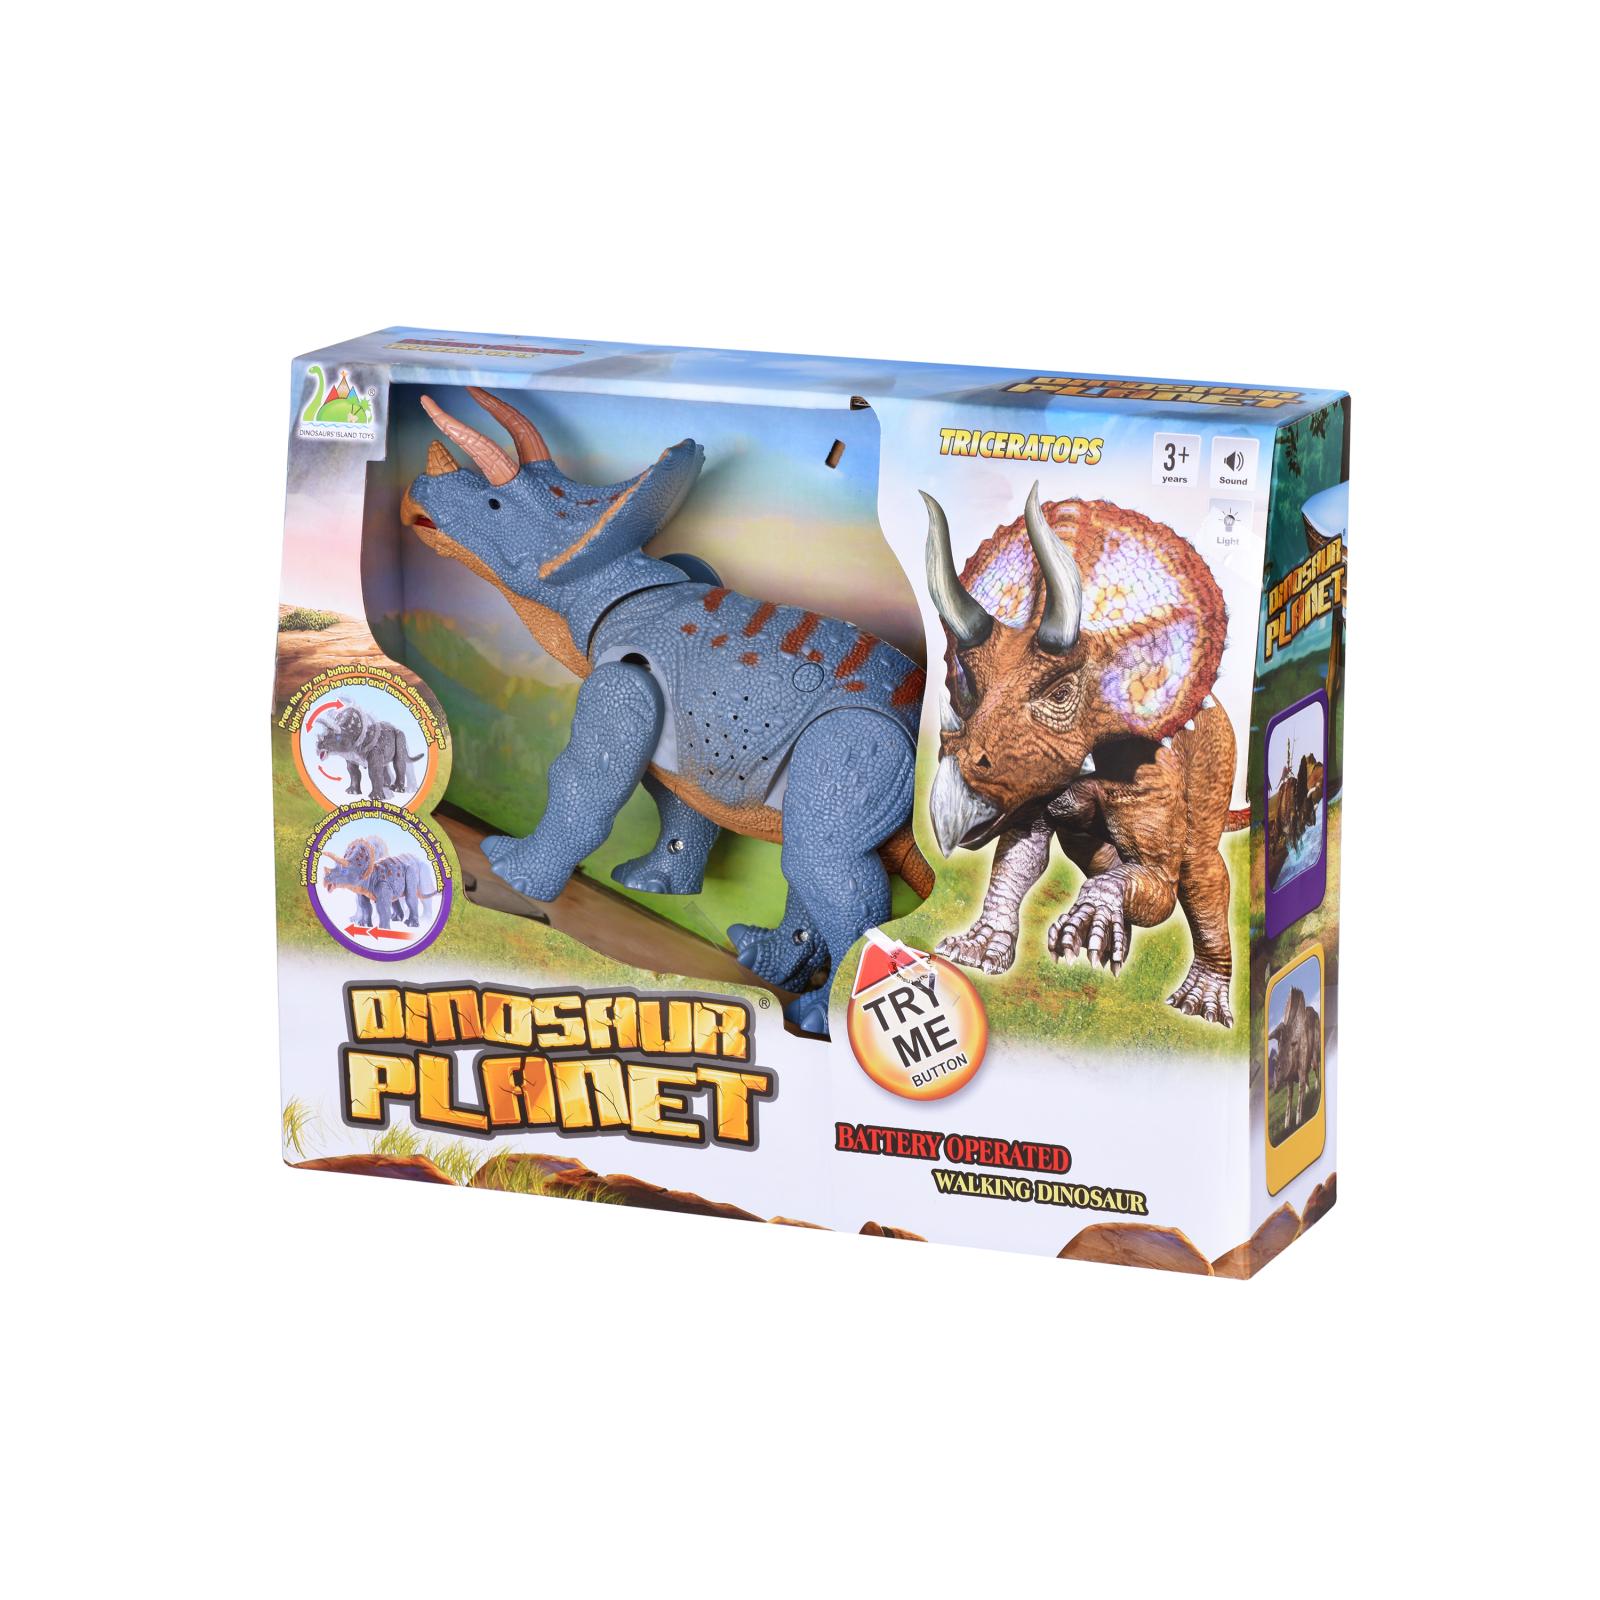 Интерактивная игрушка Same Toy Динозавр Dinosaur Planet серый со светом и звуком (RS6167AUt) изображение 8